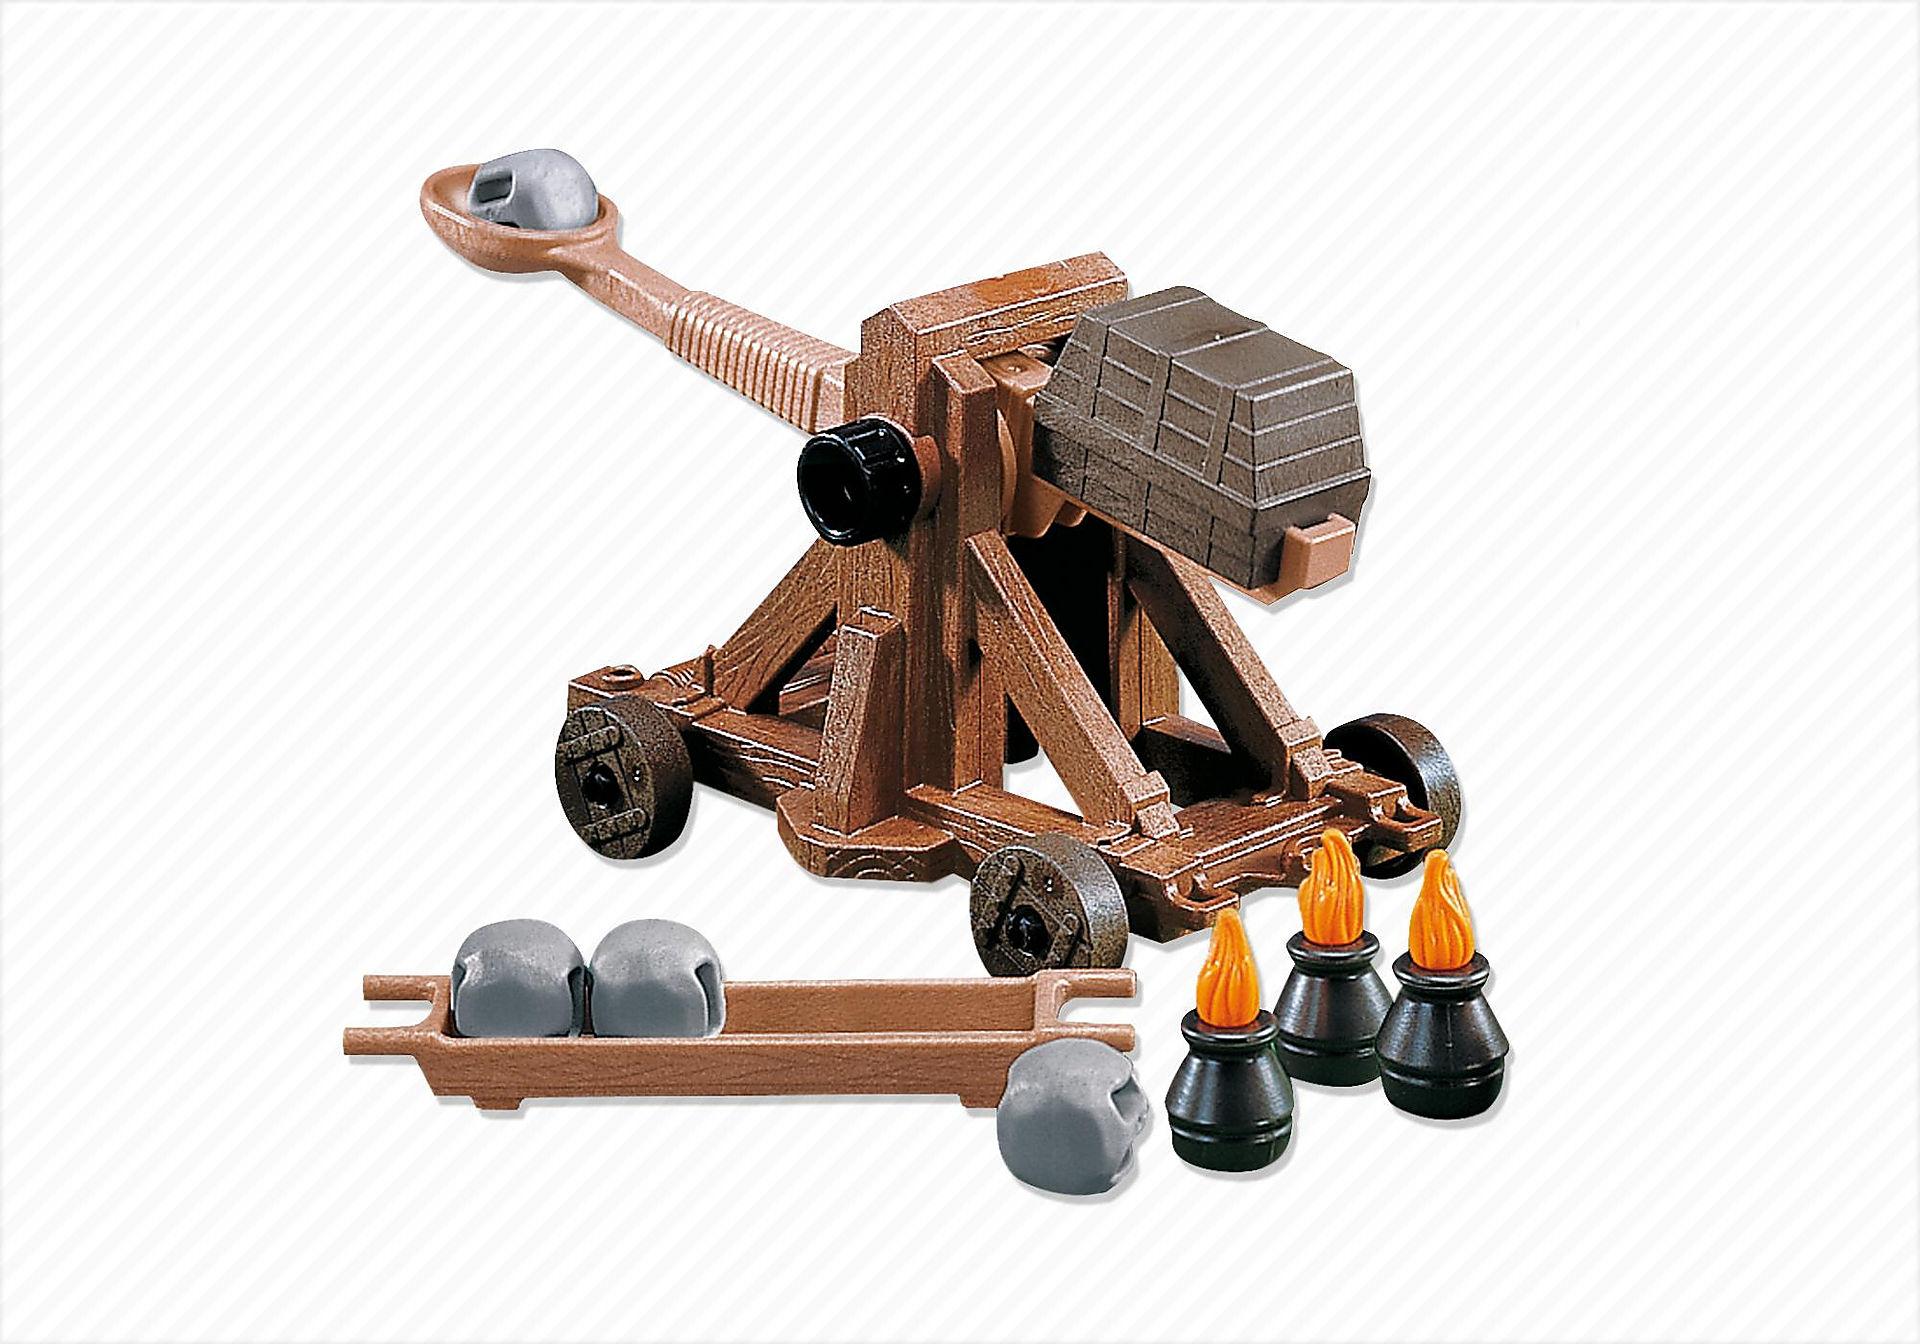 http://media.playmobil.com/i/playmobil/7700_product_detail/Katapult